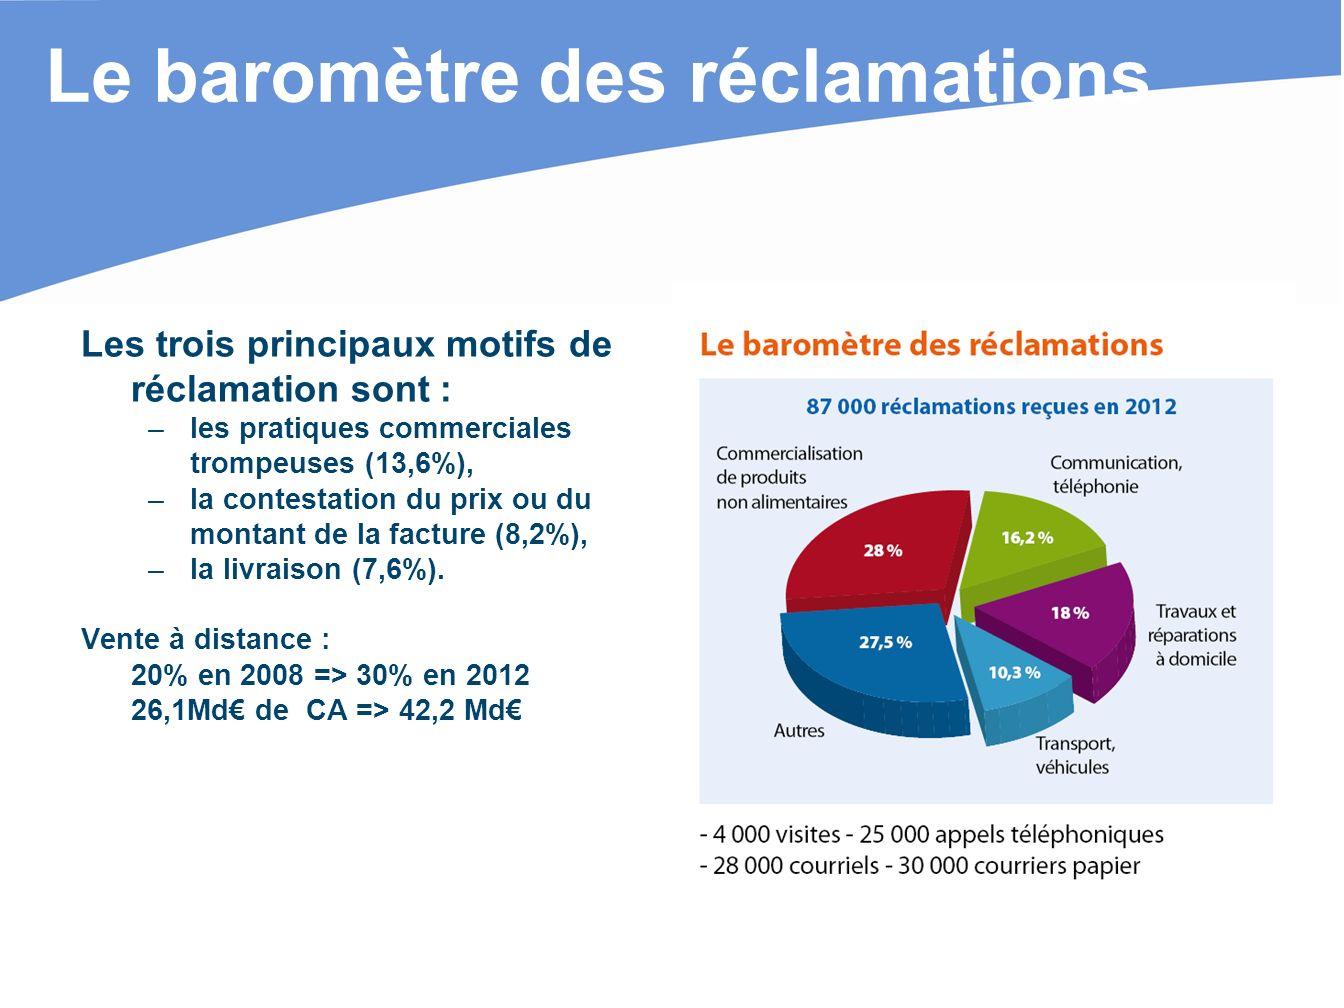 Le baromètre des réclamations Les trois principaux motifs de réclamation sont : – les pratiques commerciales trompeuses (13,6%), – la contestation du prix ou du montant de la facture (8,2%), – la livraison (7,6%).